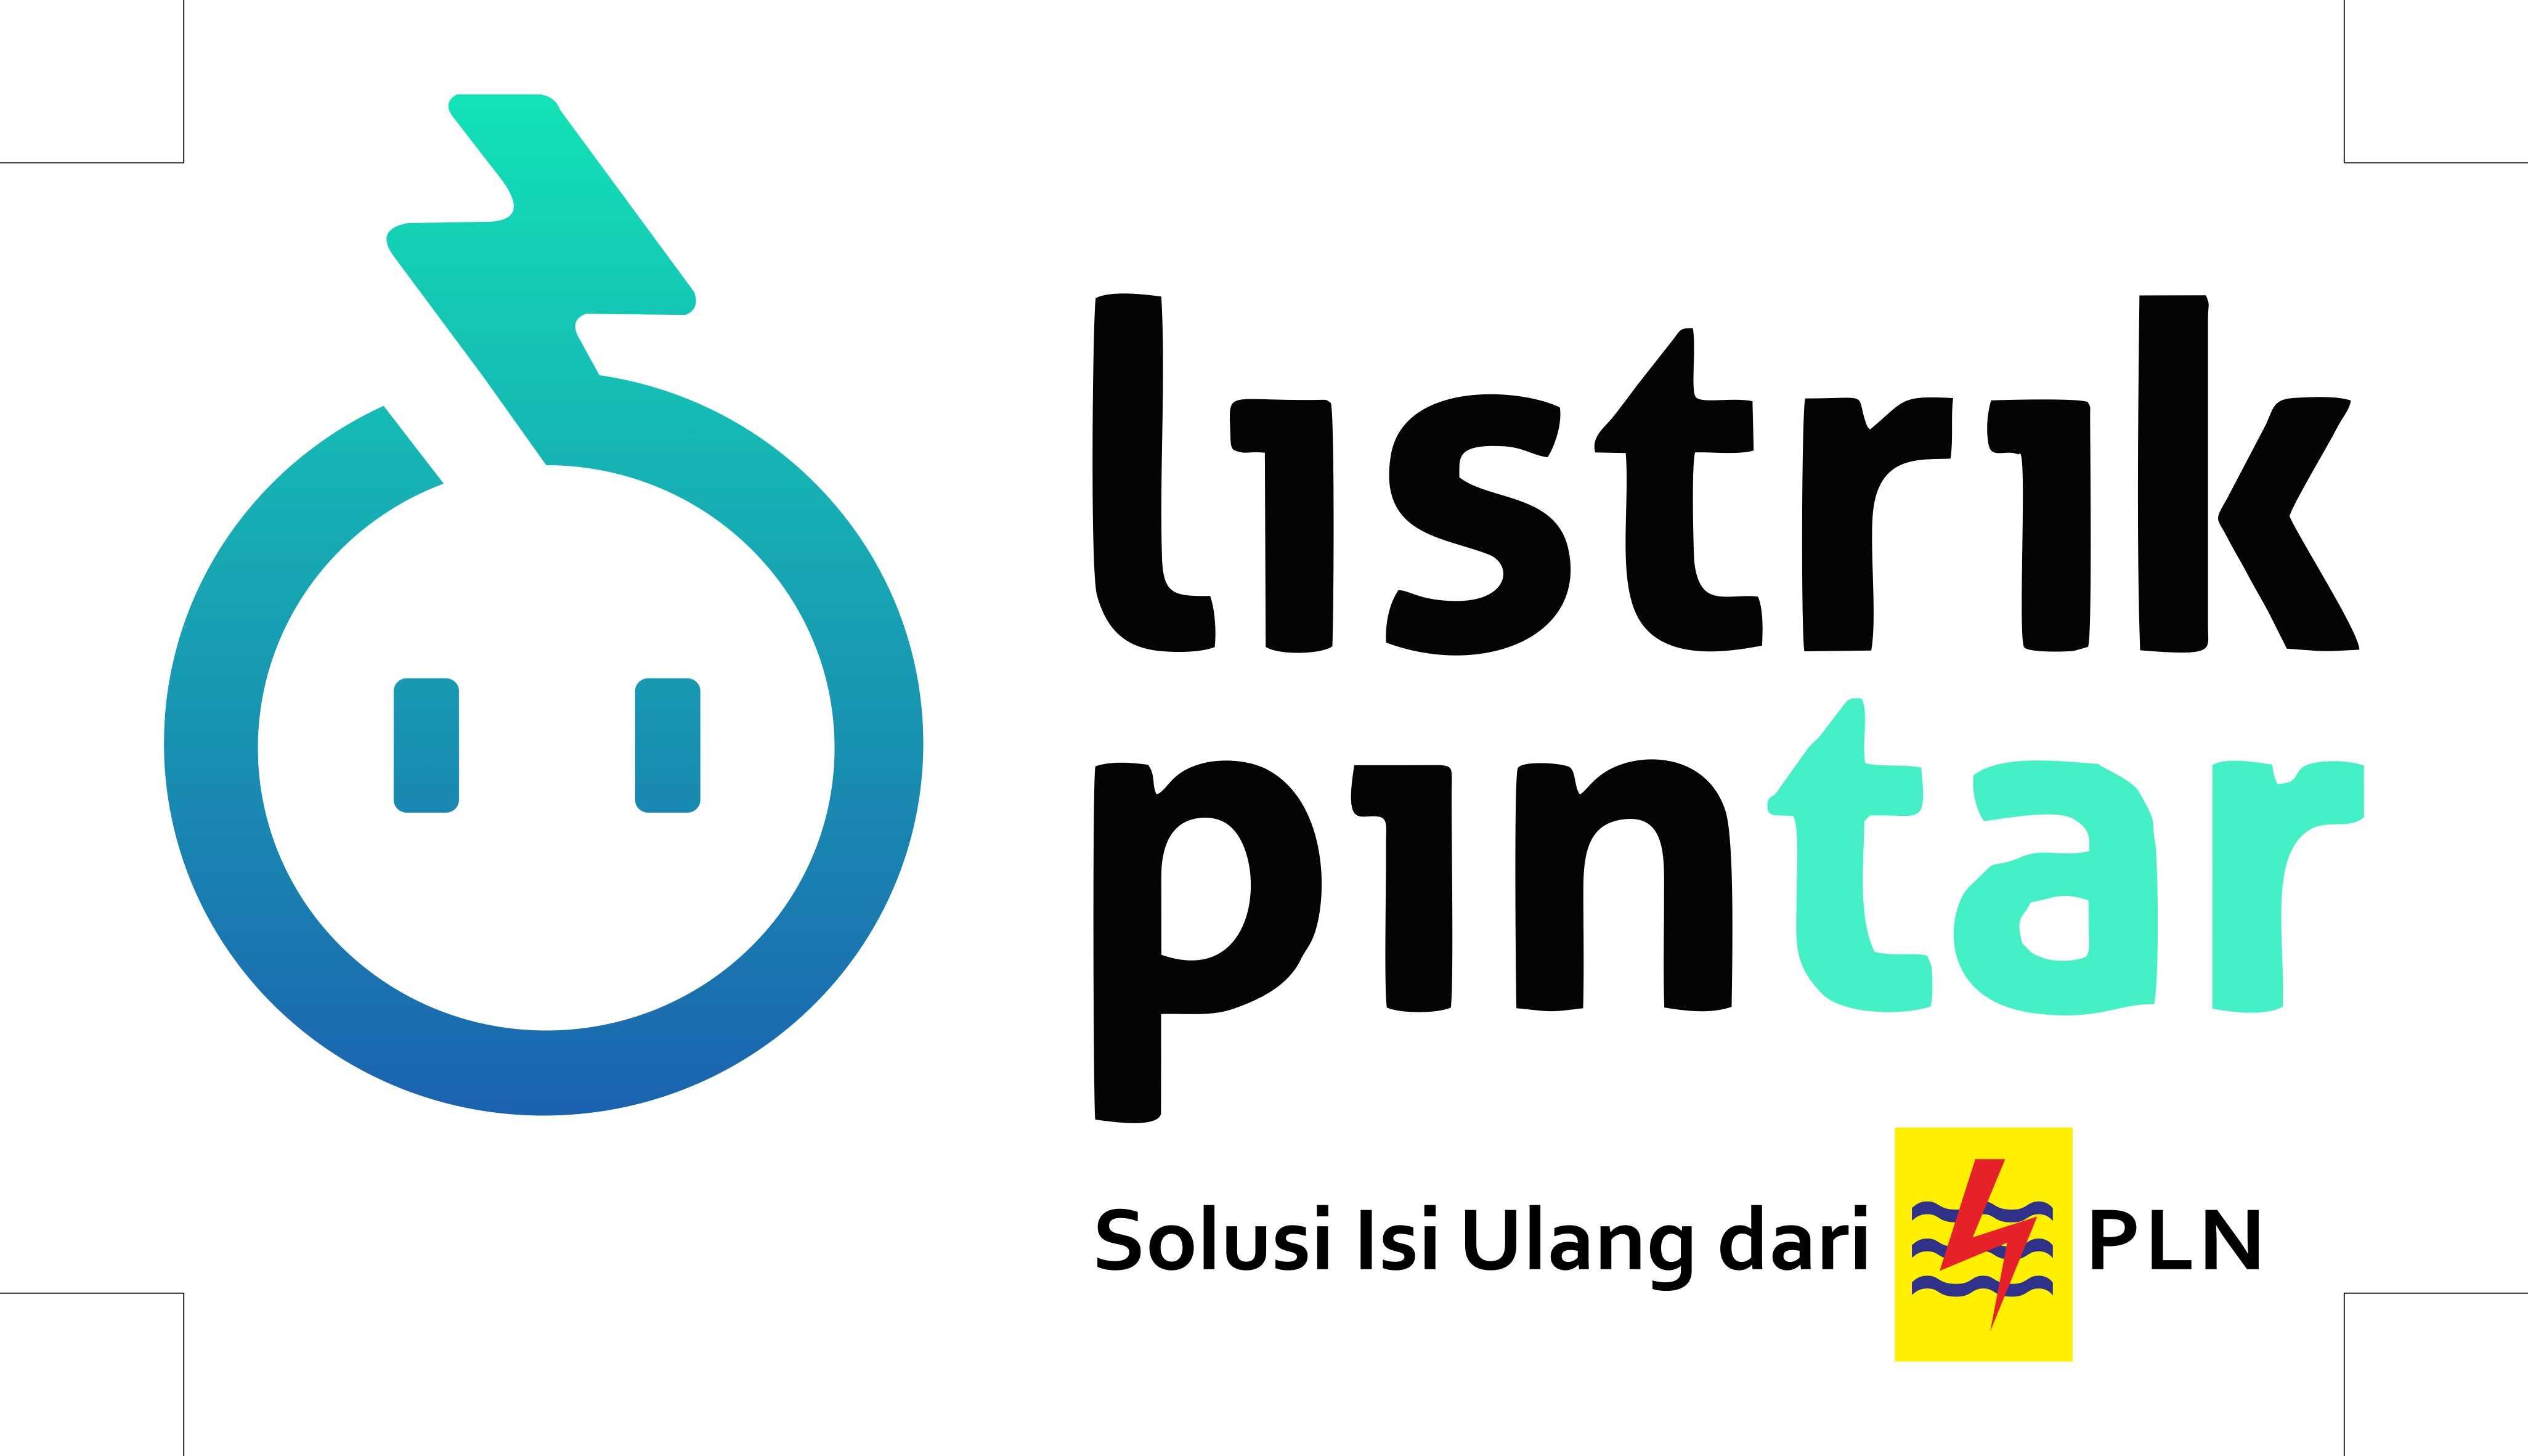 Logo-Listrik-Pintar-PLN-prabayar